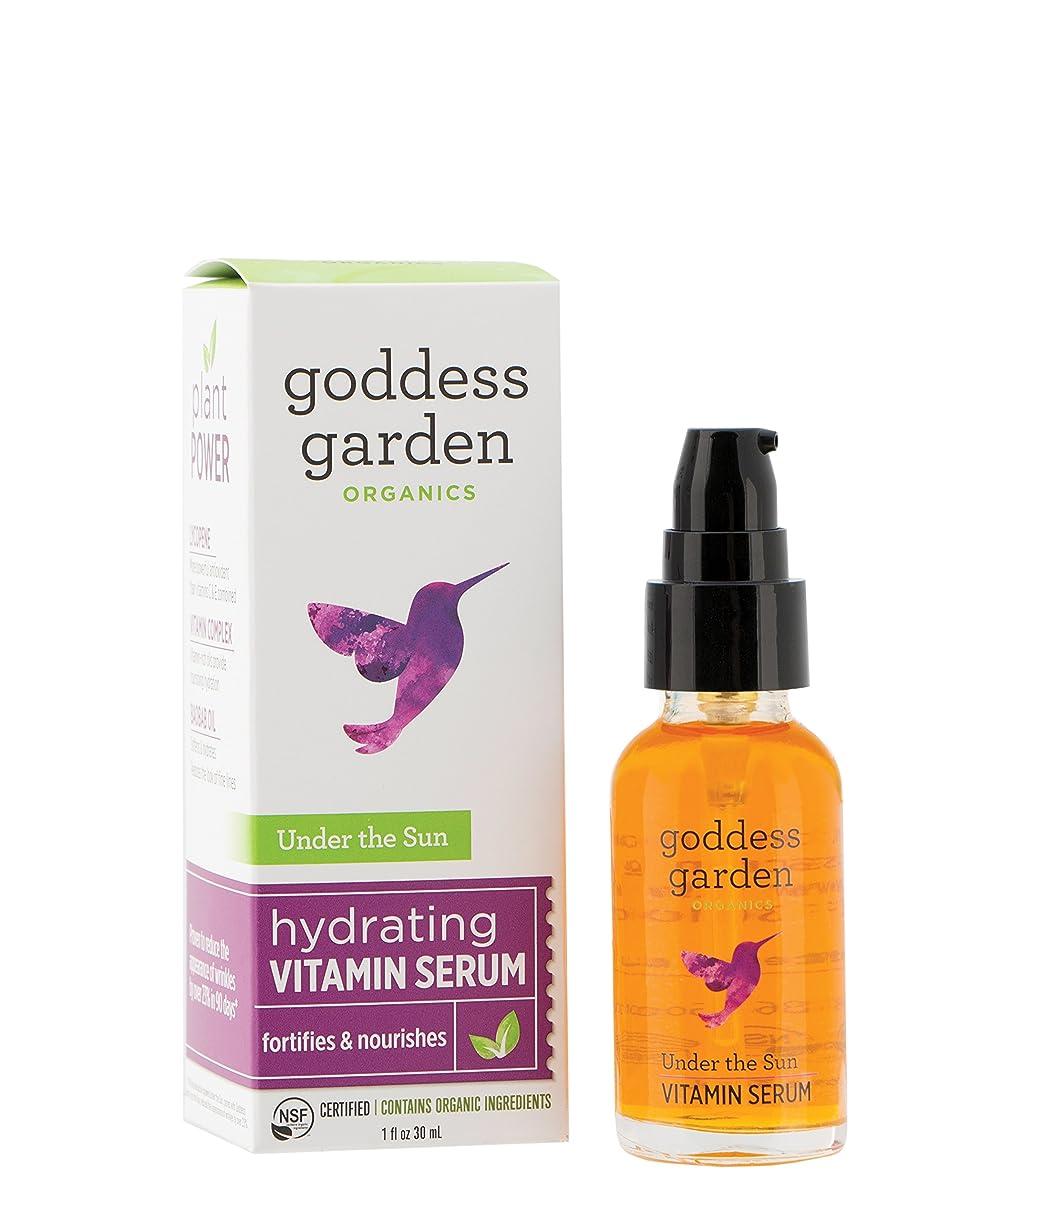 不毛の盆リビジョンGoddess Garden サンハイドレイティングビタミンセラム(1オンス。ボトル)オーガニック、完全菜食主義、リーピングバニー認定虐待フリー、パラベンフリー、敏感肌に優しく、公認B社の下ではオーガニック